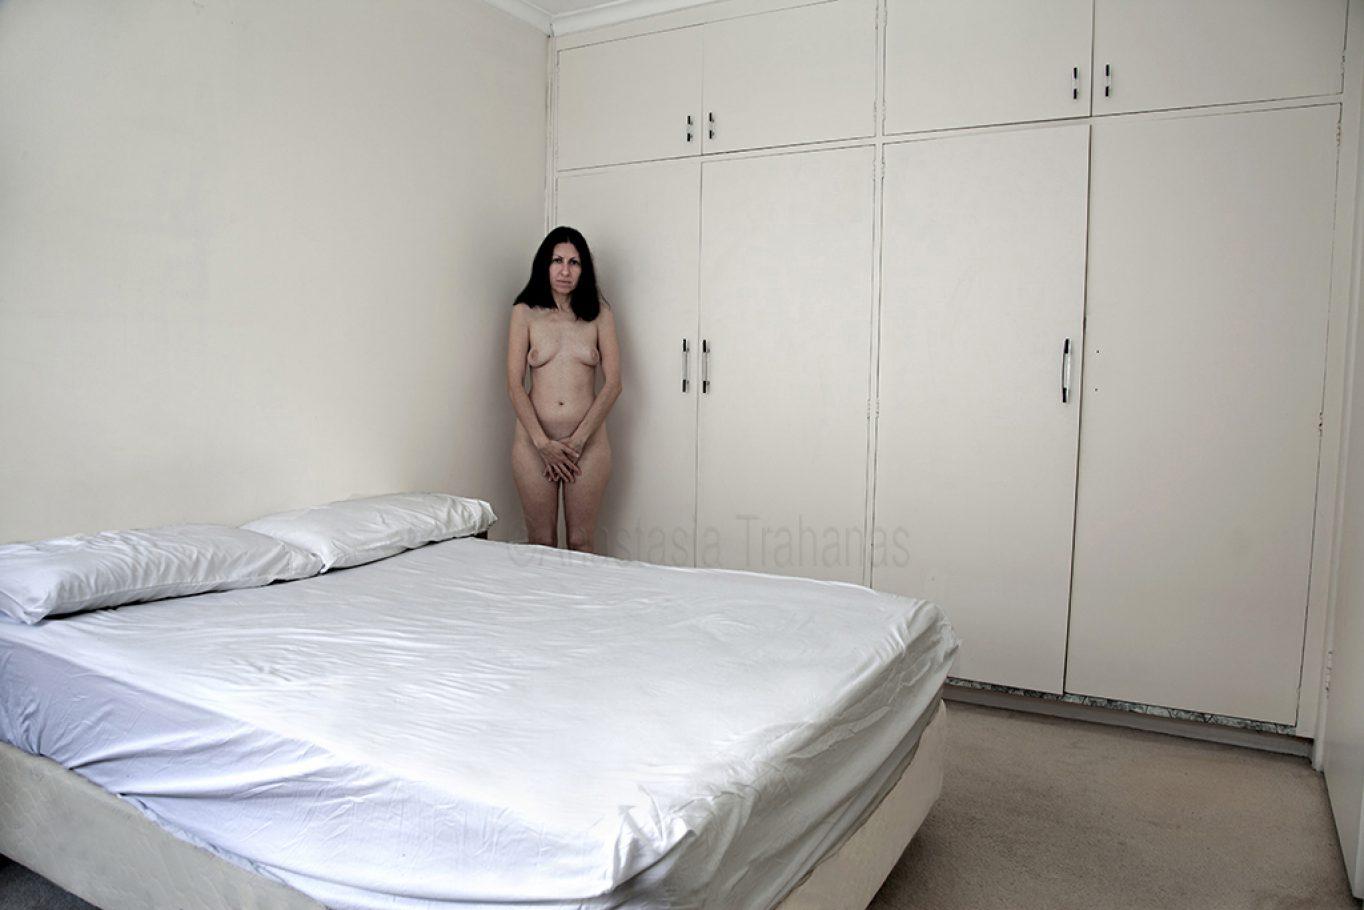 Naked in corner of bedroom